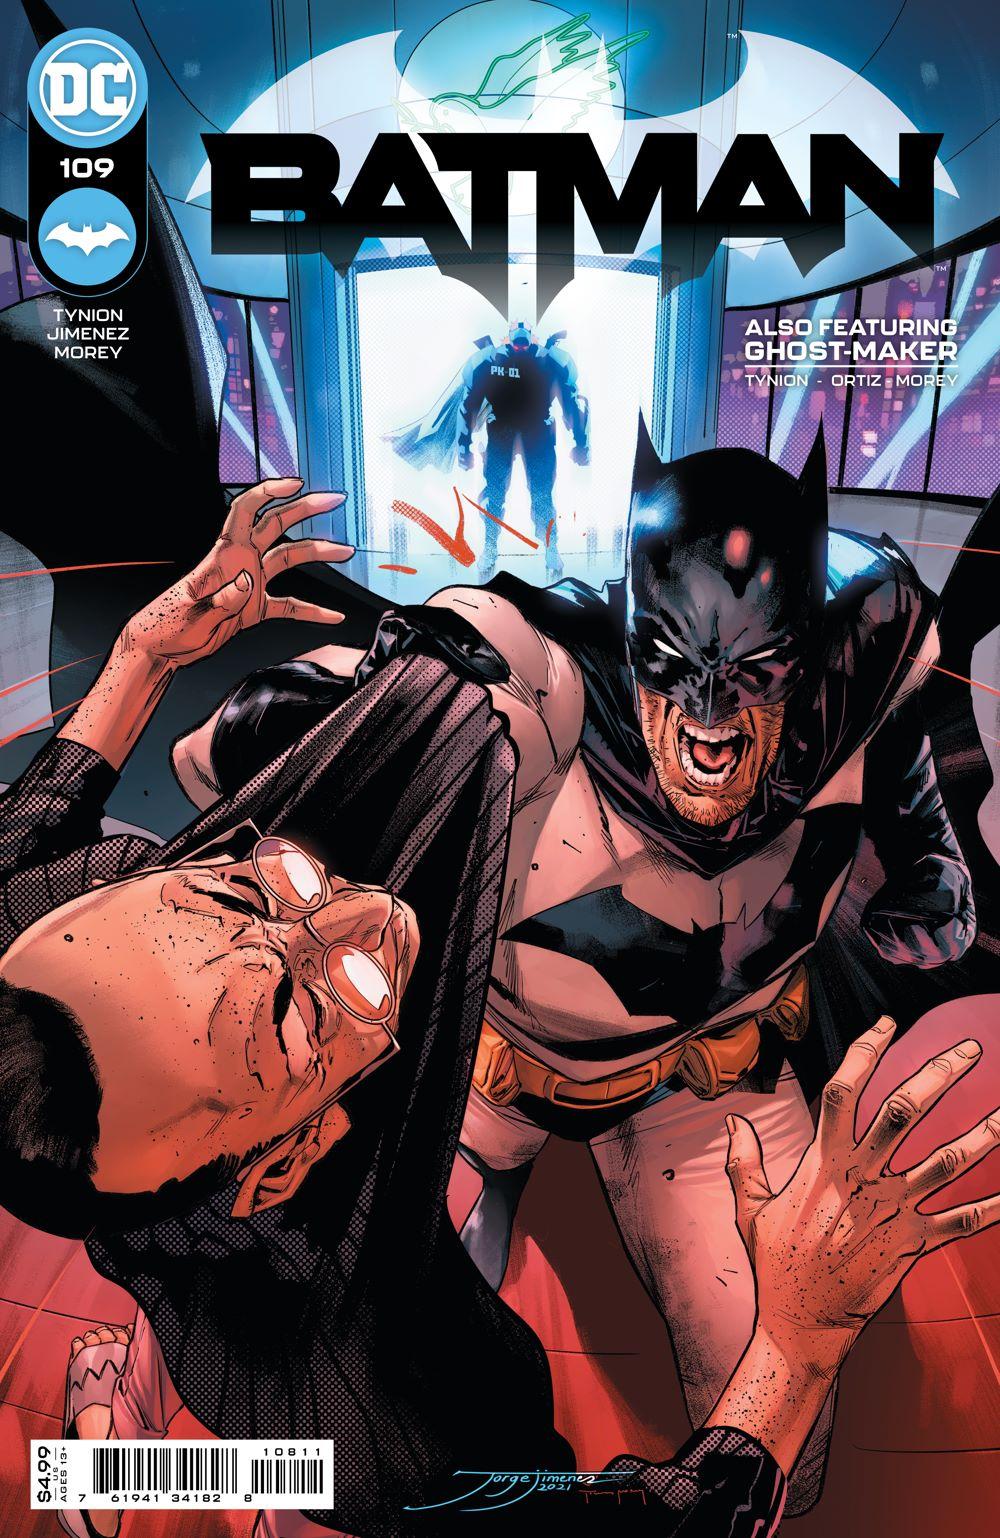 BM_Cv109 DC Comics June 2021 Solicitations